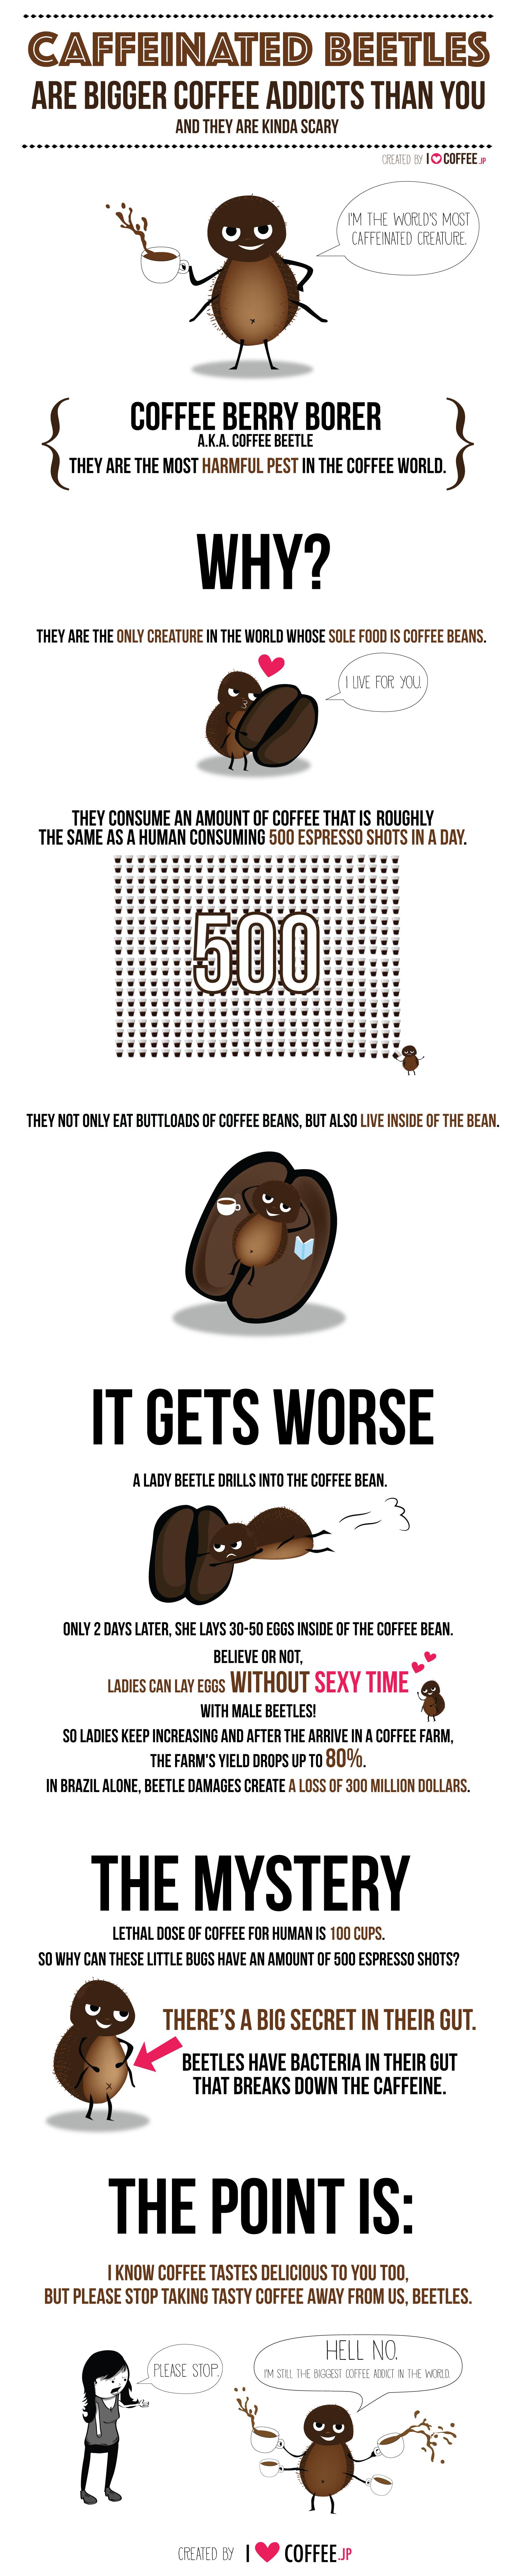 coffeebeetle